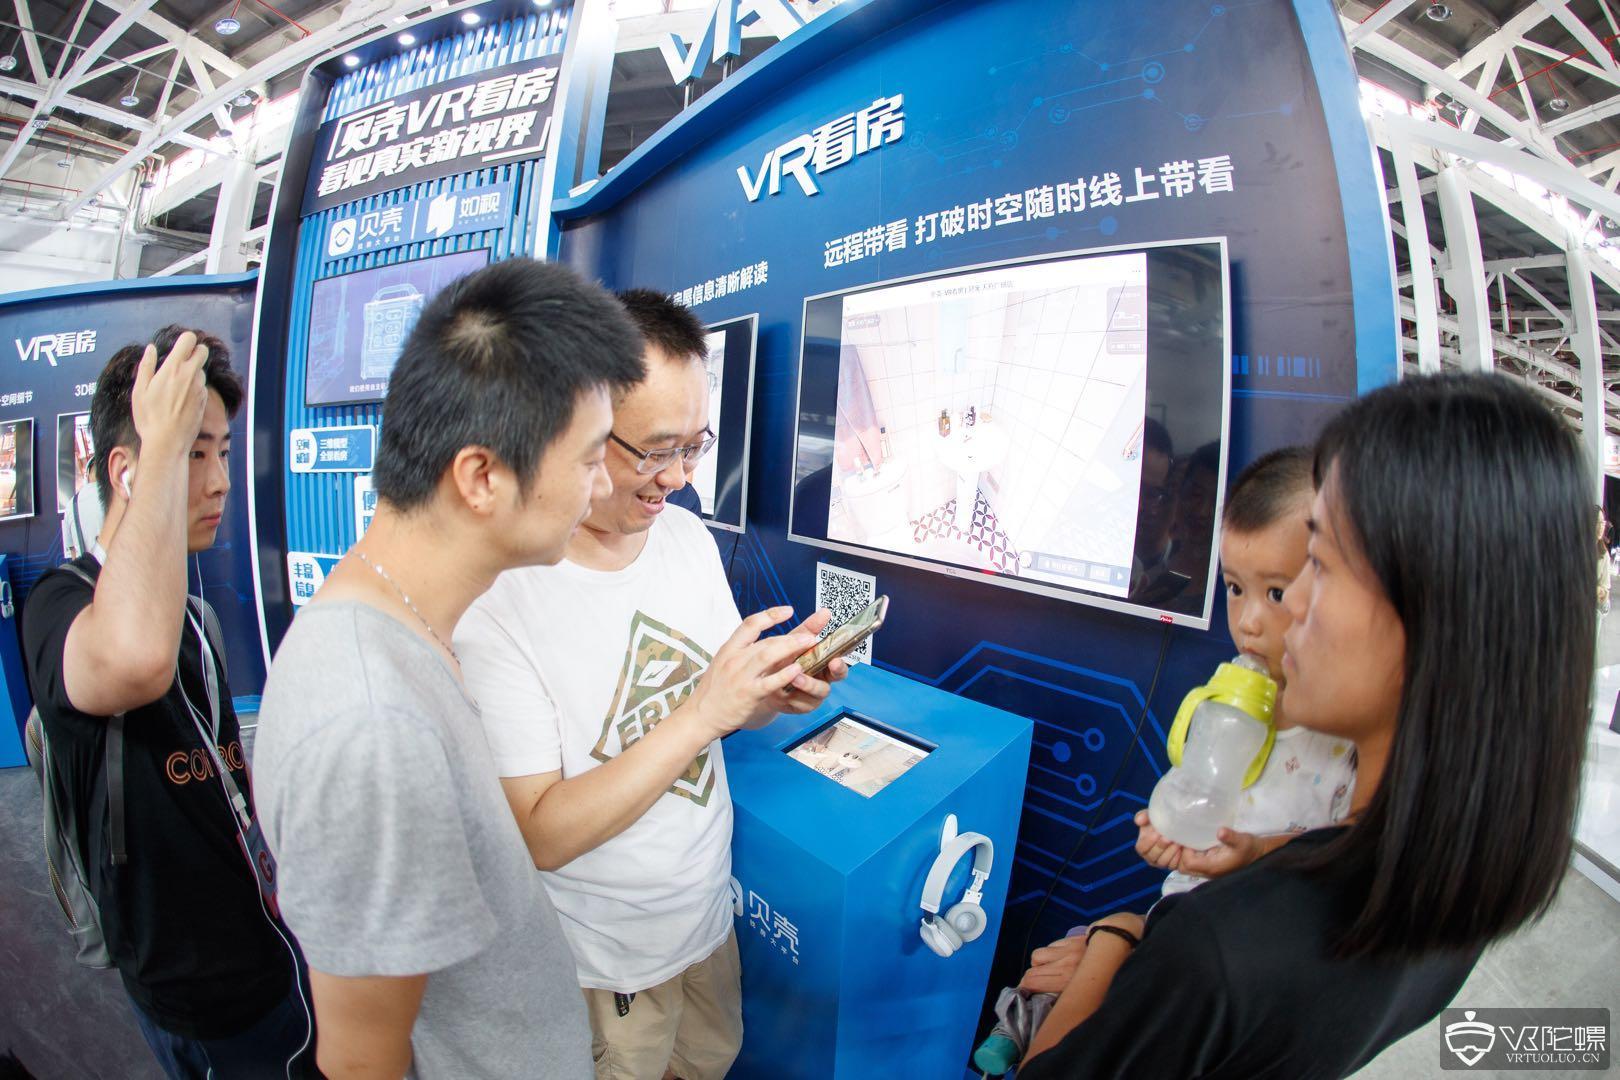 贝壳获暖科技创新力大奖 惠新宸:VR让看房效率提升140%